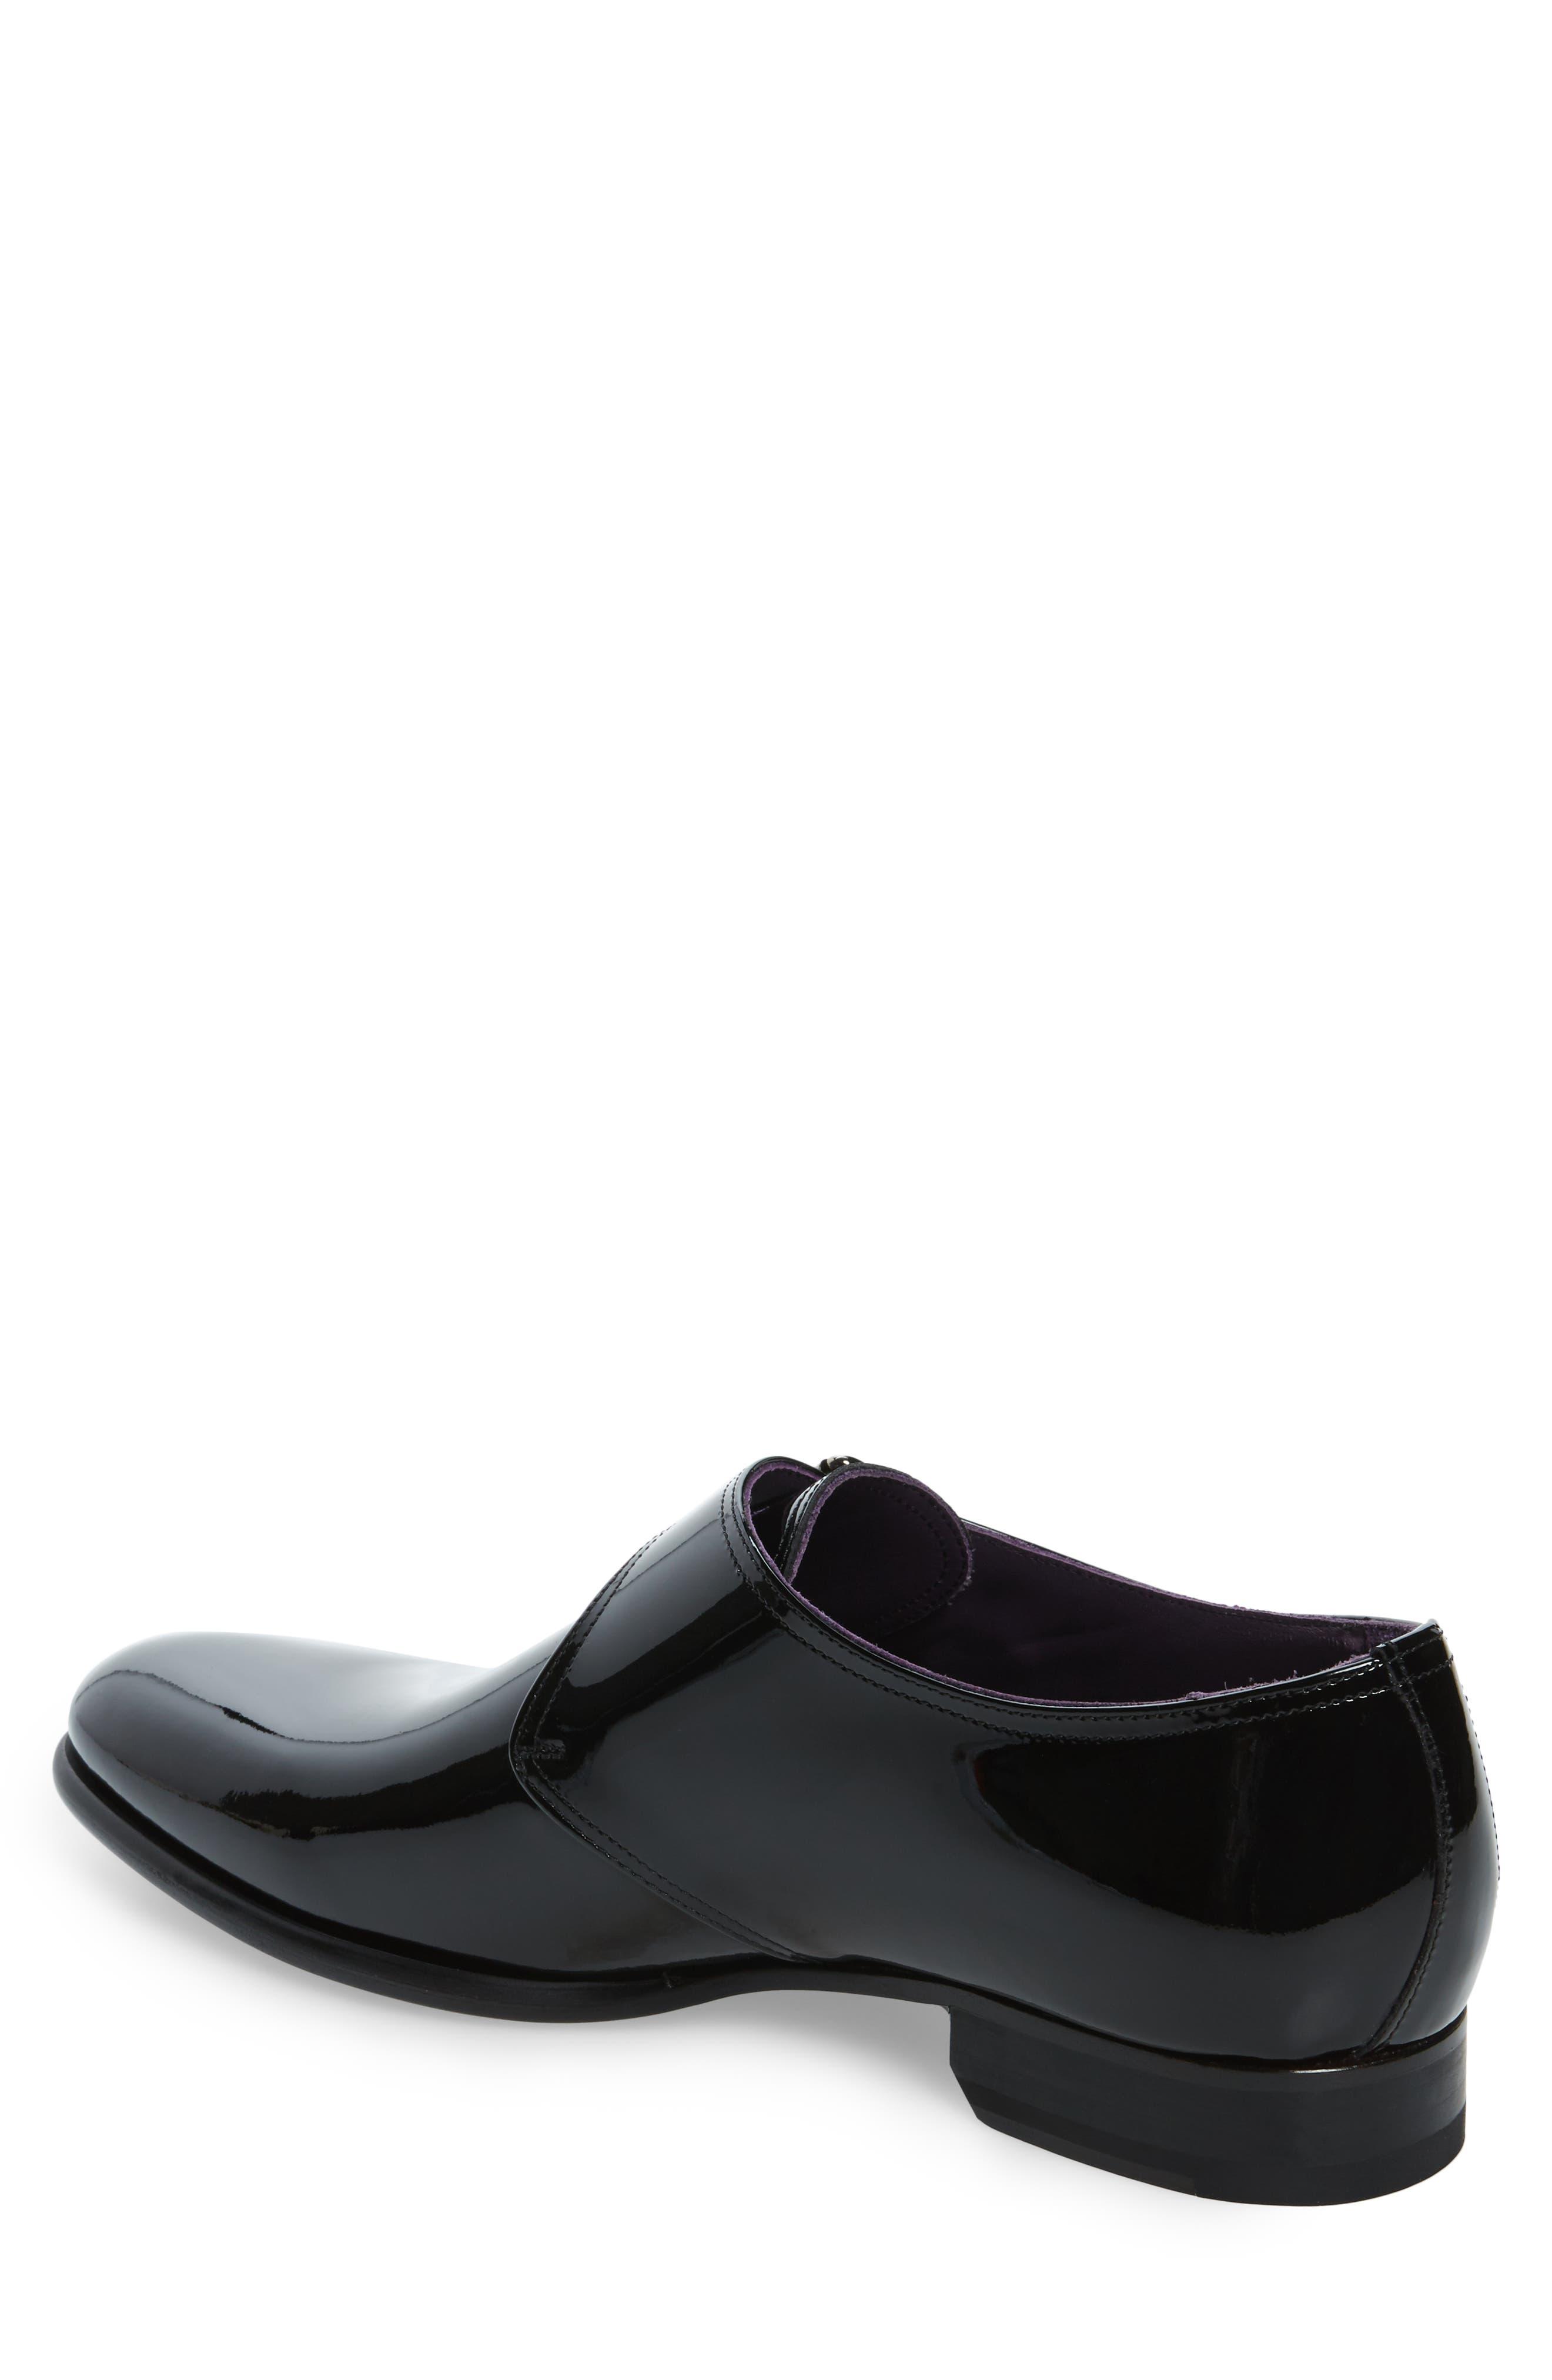 Alternate Image 2  - To Boot New York Emmett Monk Strap Shoe (Men)